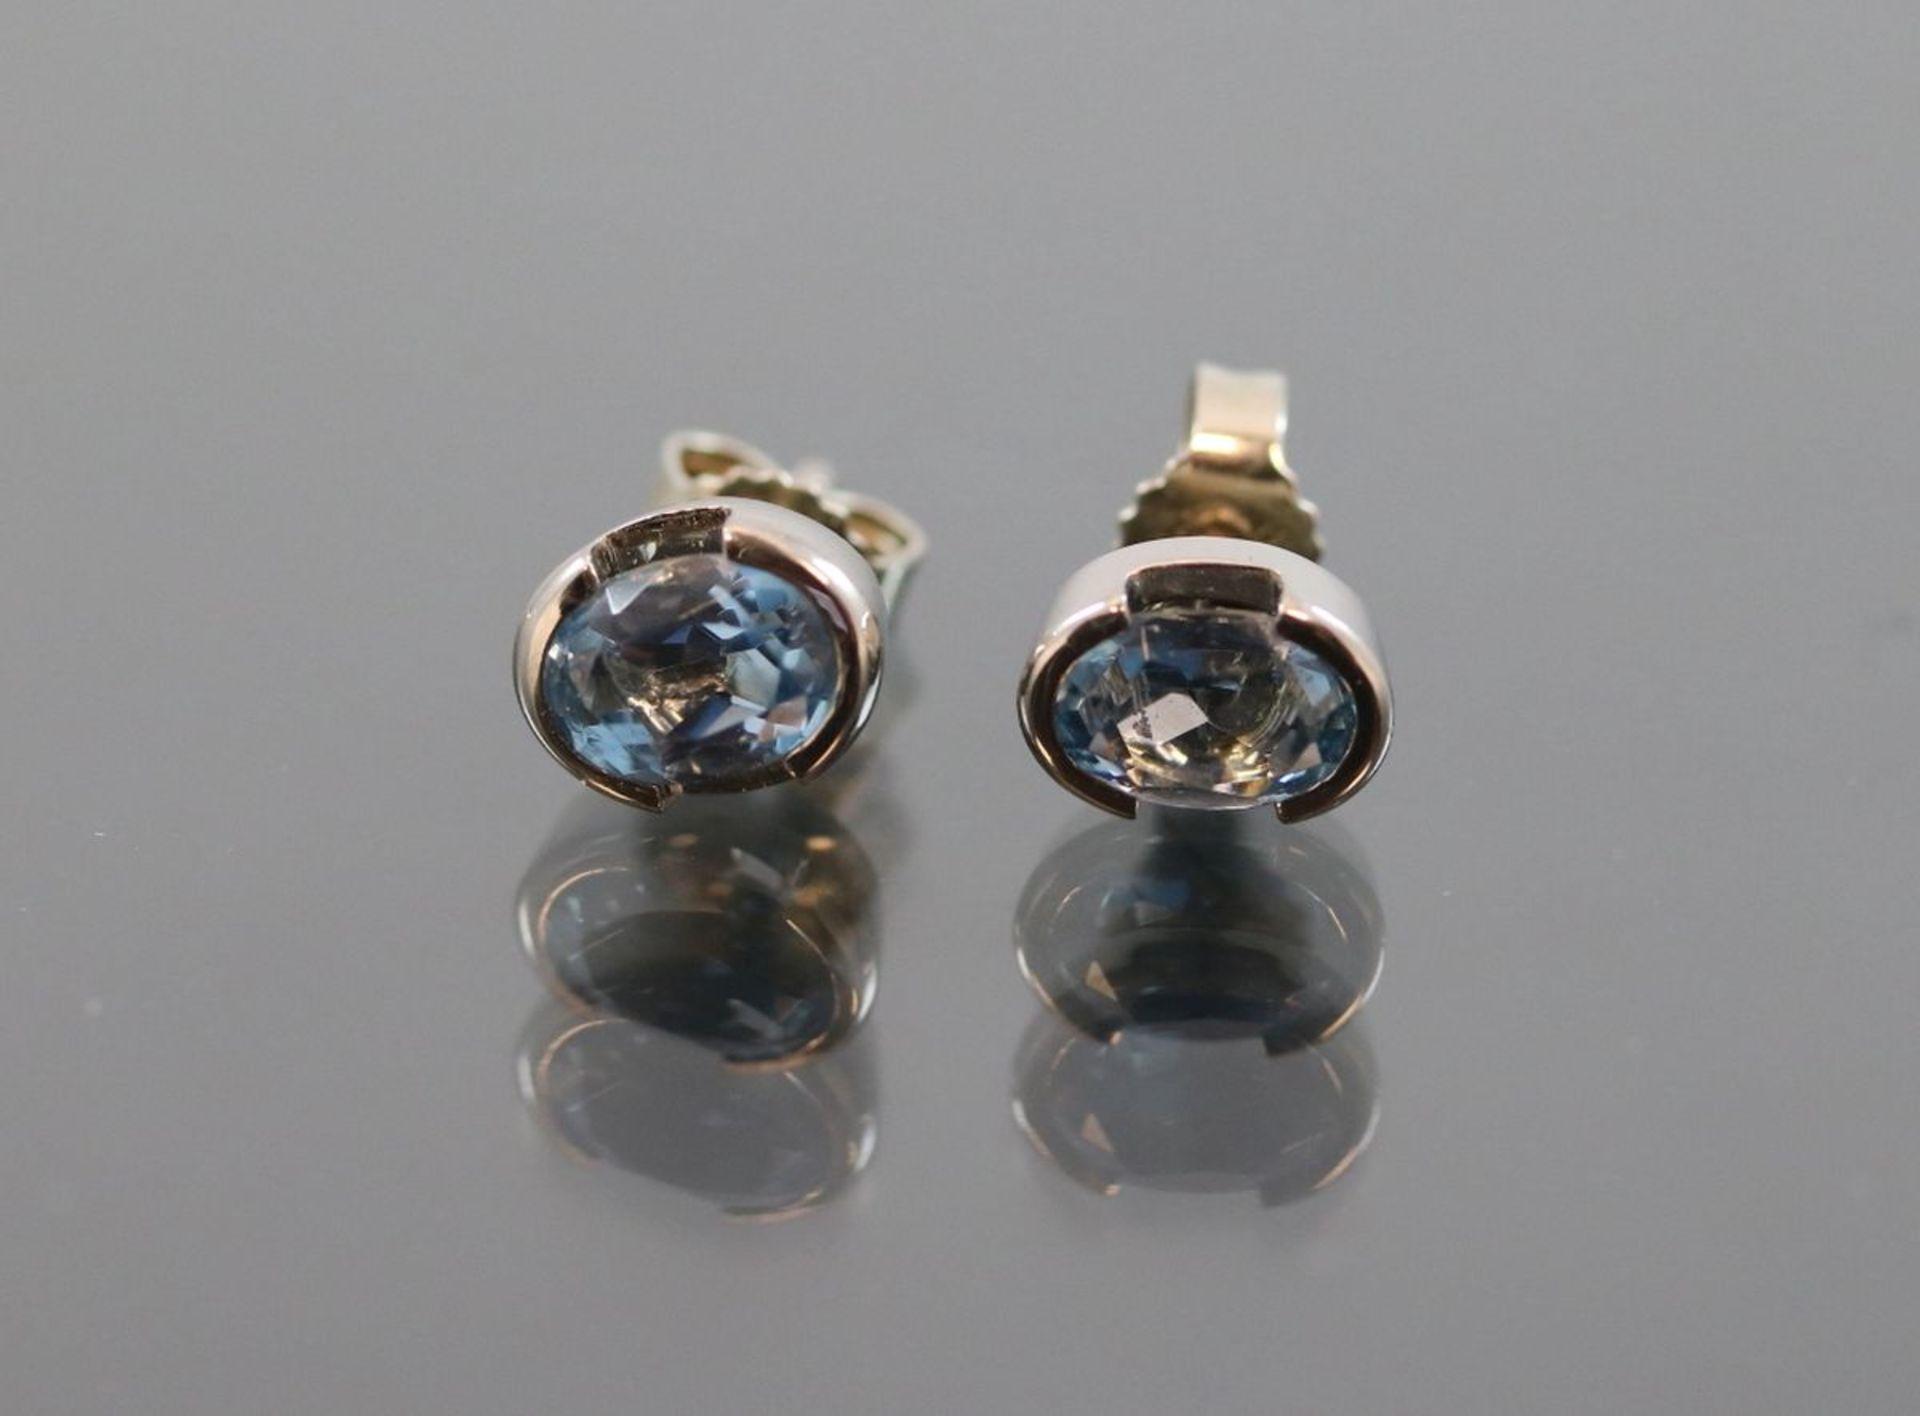 Aquamarin-Ohrringe, 585 Weißgold2,70 Gramm 2 Aquamarine, 0.40 ct., Schätzpreis: 800,-